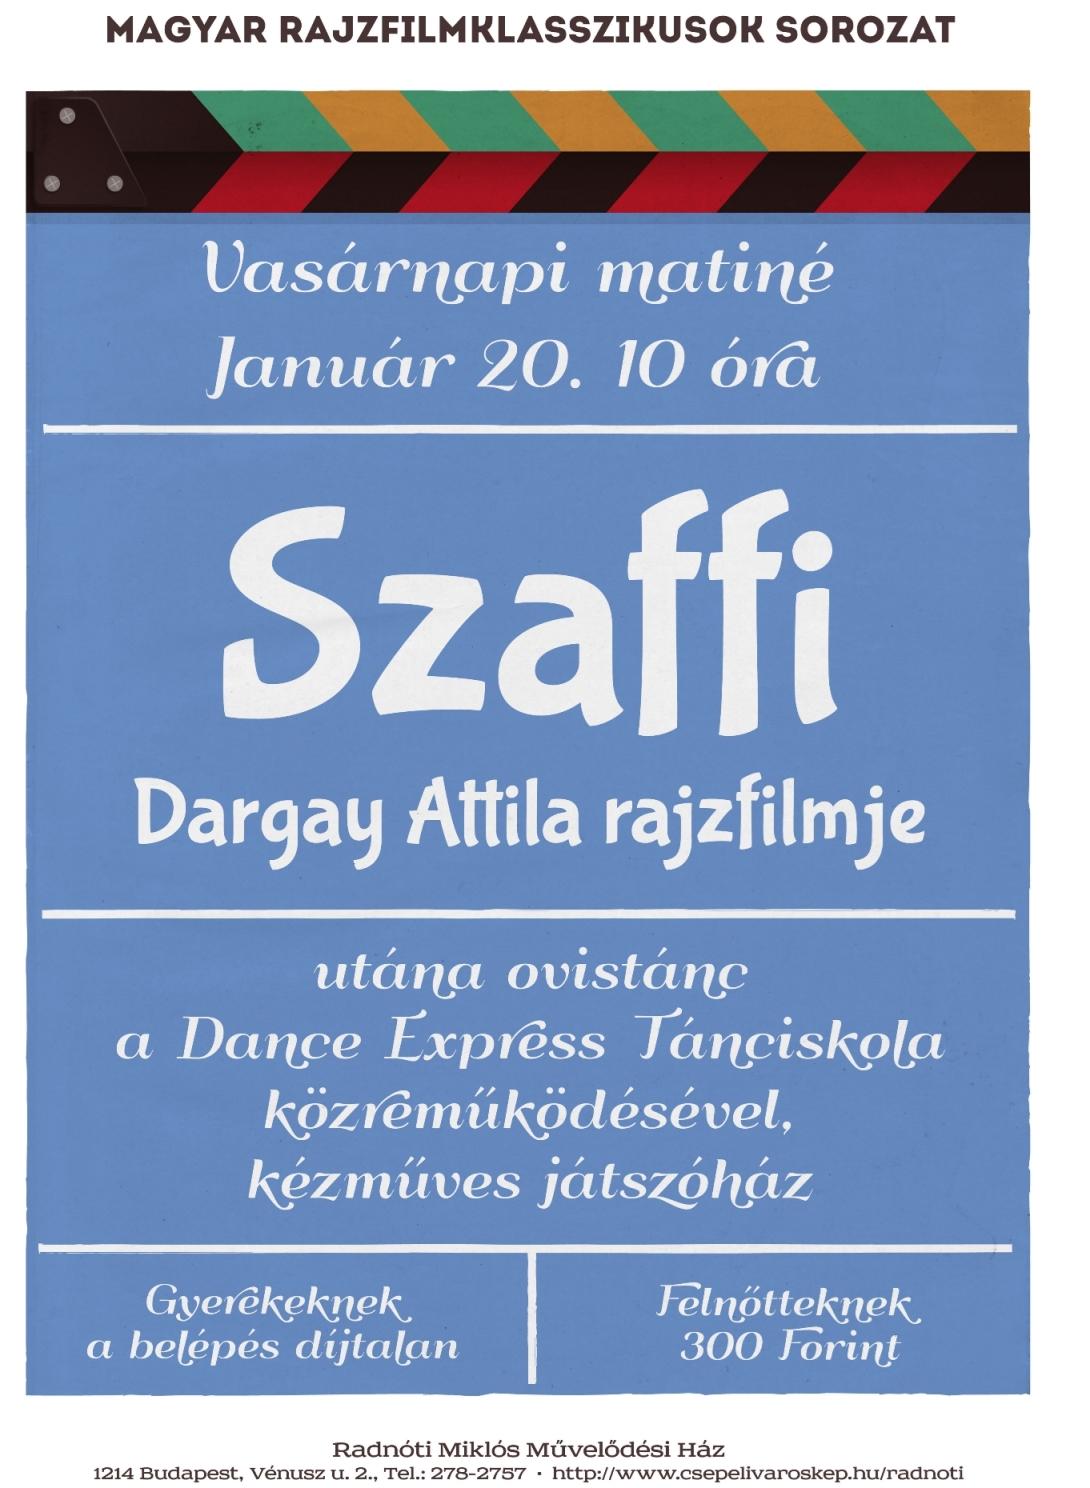 Magyar rajzfilmklasszikusok